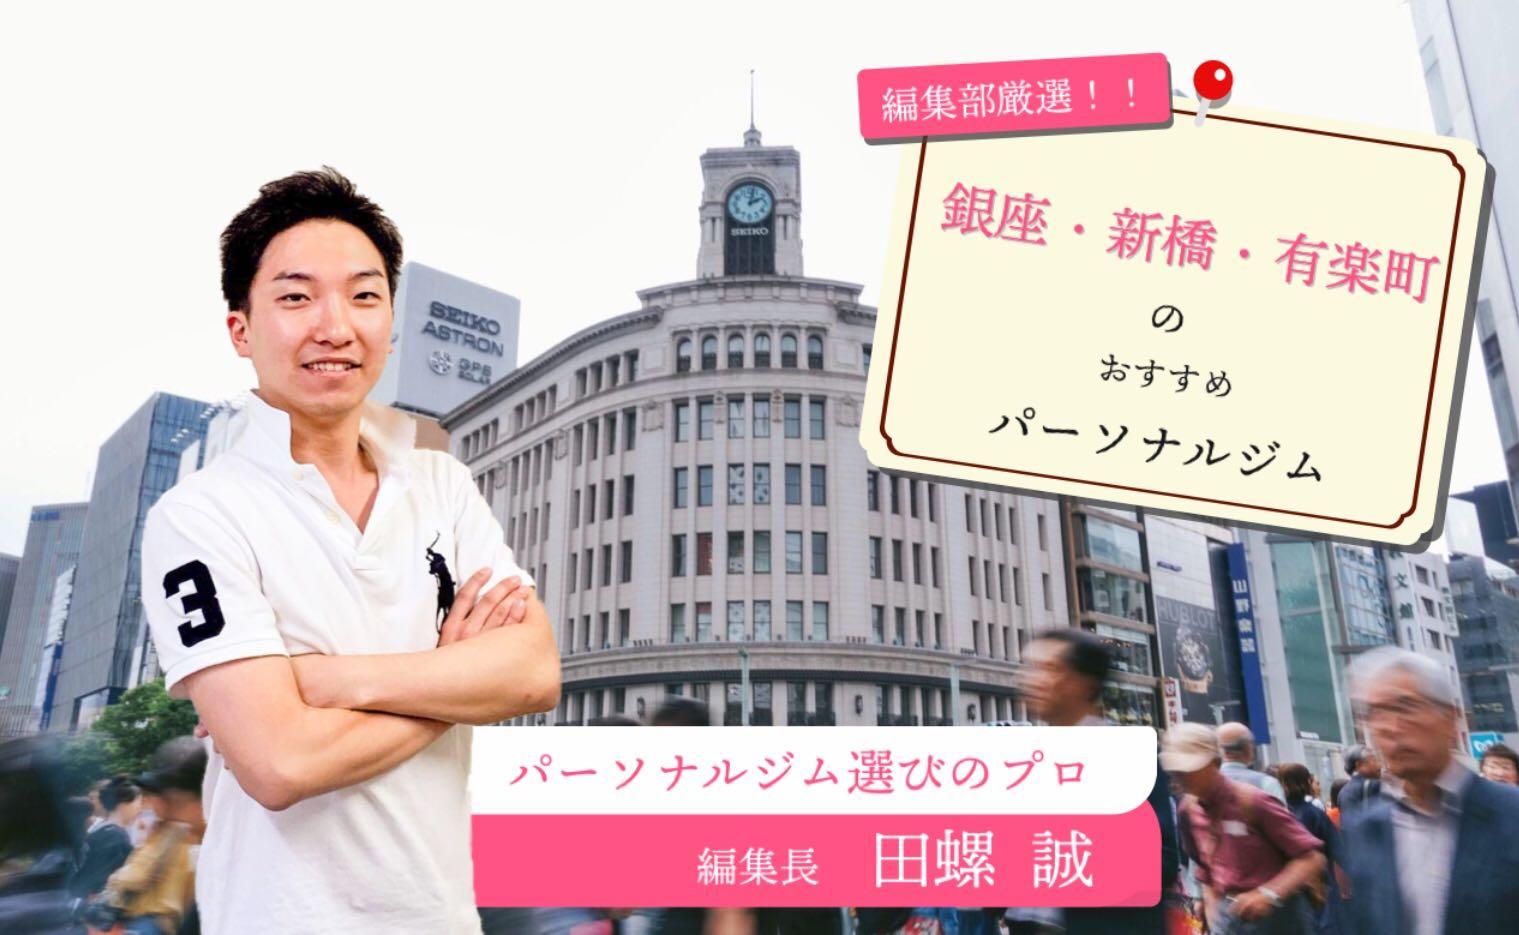 新橋・有楽町のパーソナルトレーニングジムのアイキャッチ